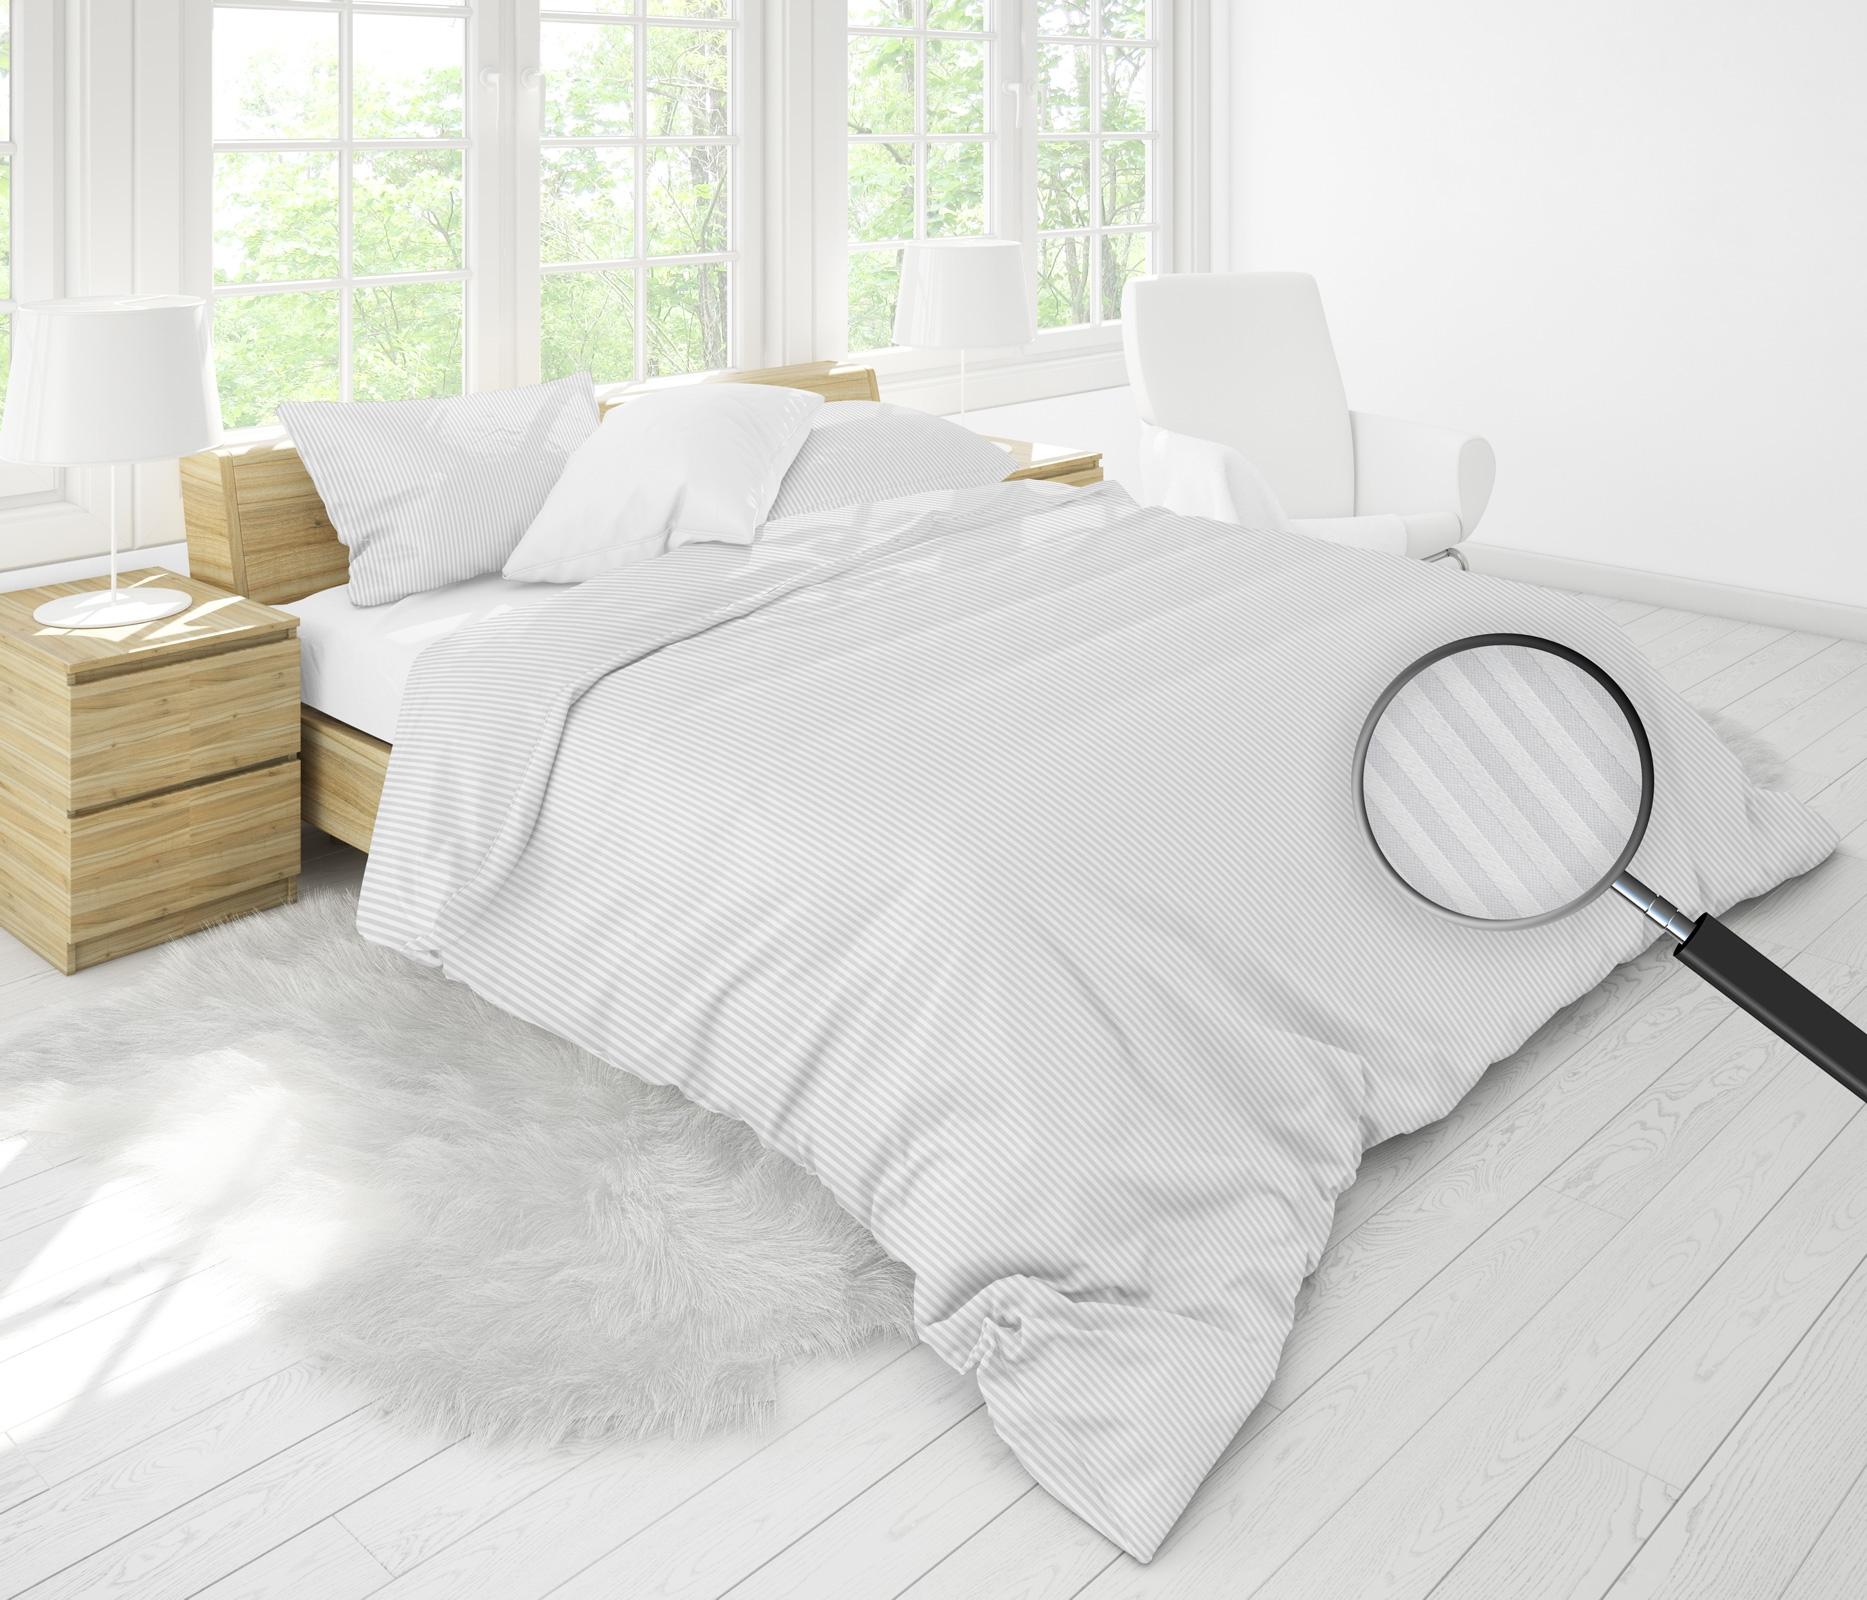 Bettwäsche - MOON Luxury Damast Bettwäsche 3mm Streifen silber 155x220 80x80 100 Baumwolle YKK Reißverschluss  - Onlineshop PremiumShop321